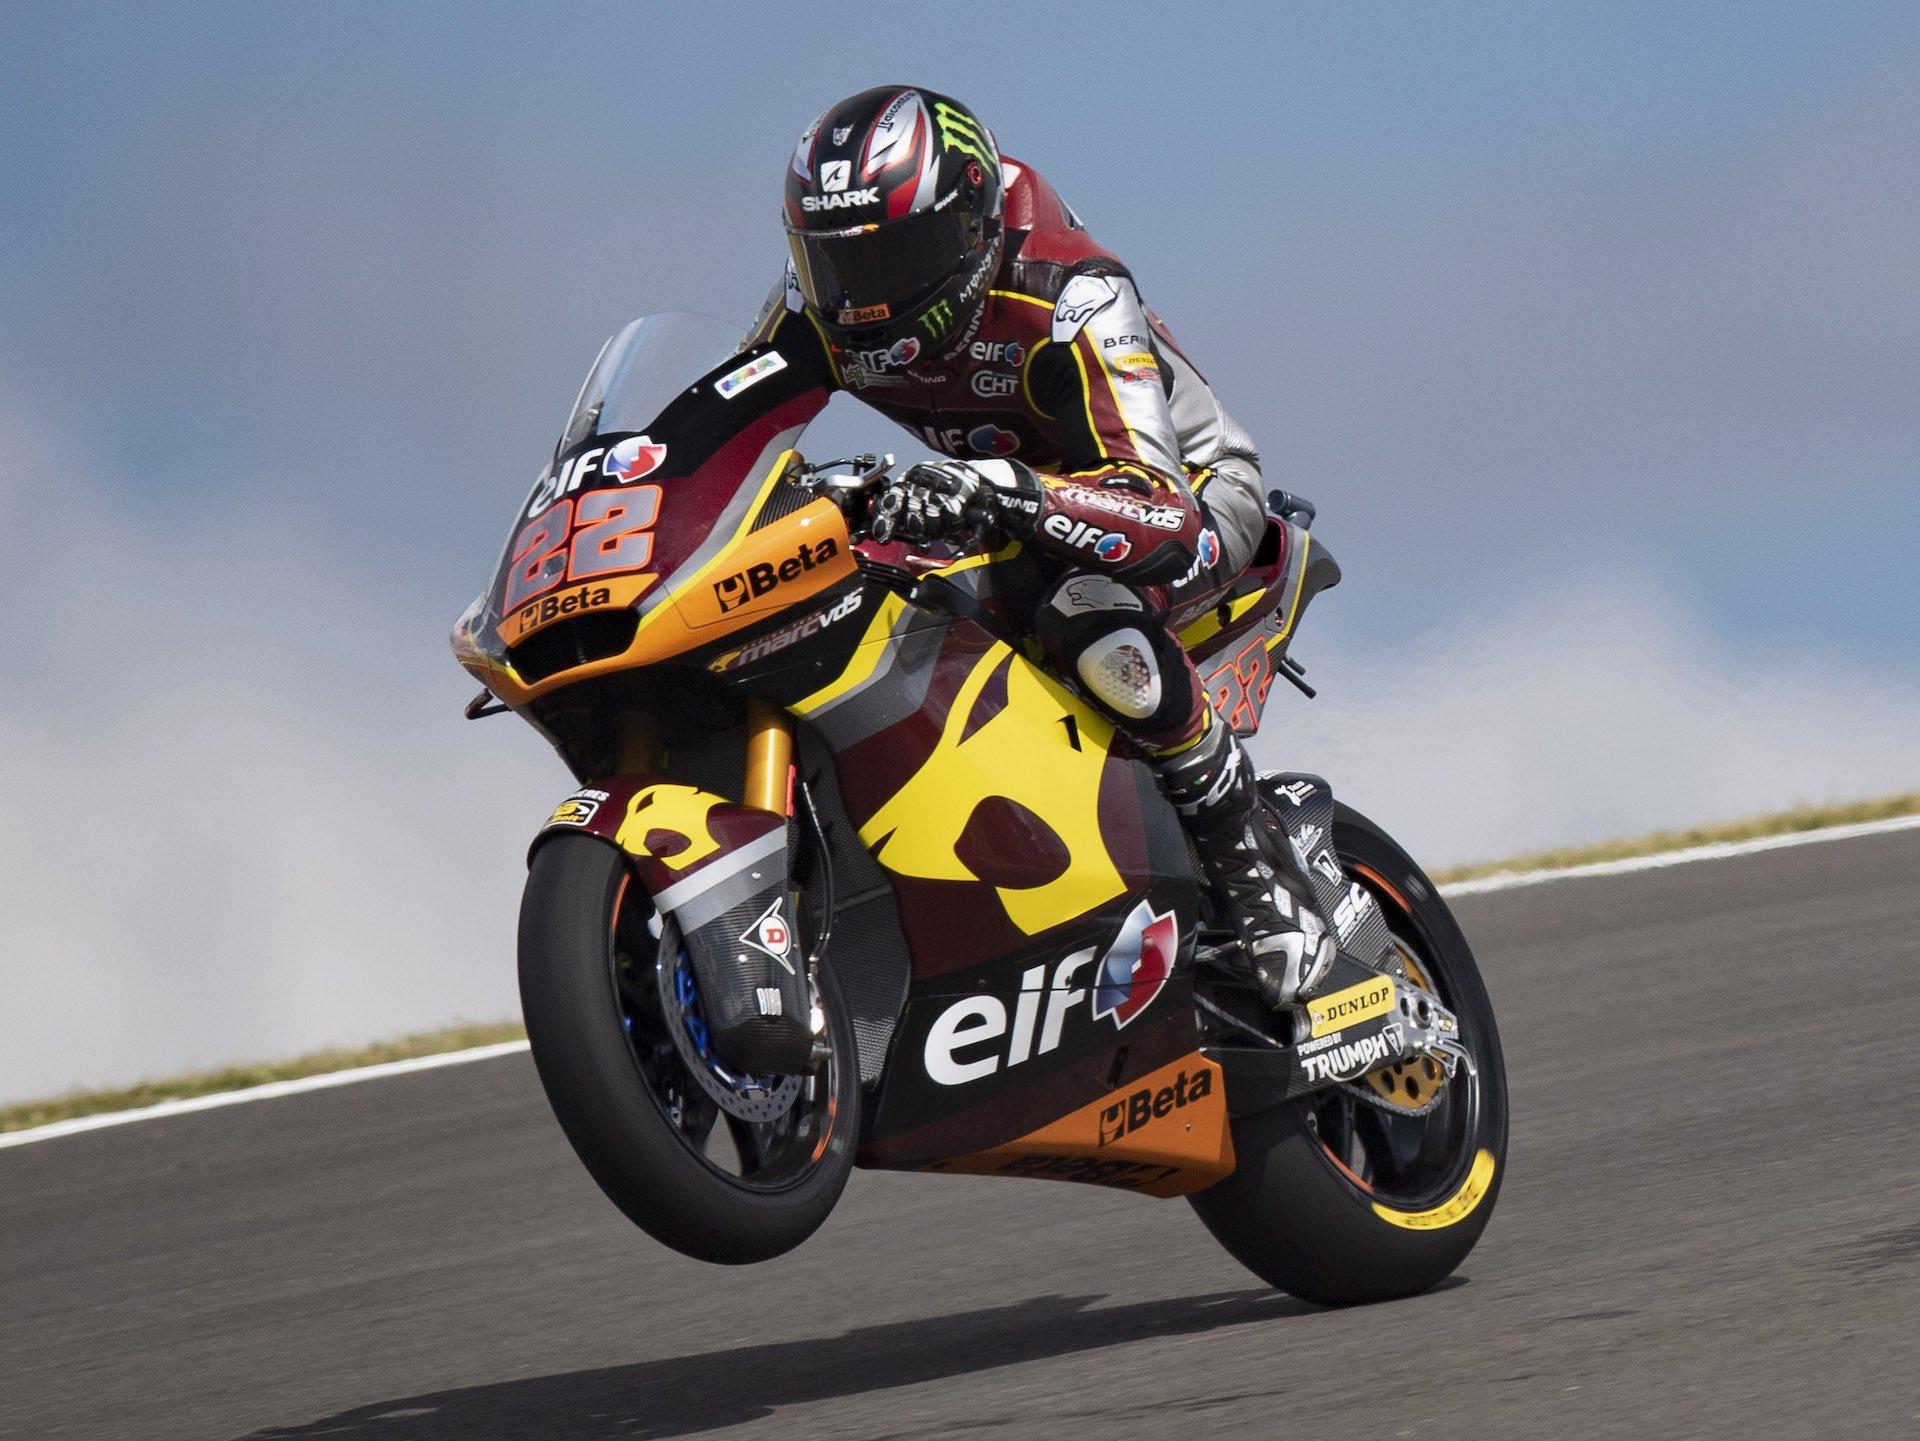 GP Portugal, parrilla de Moto2: pole para Lowes, Vierge primera línea